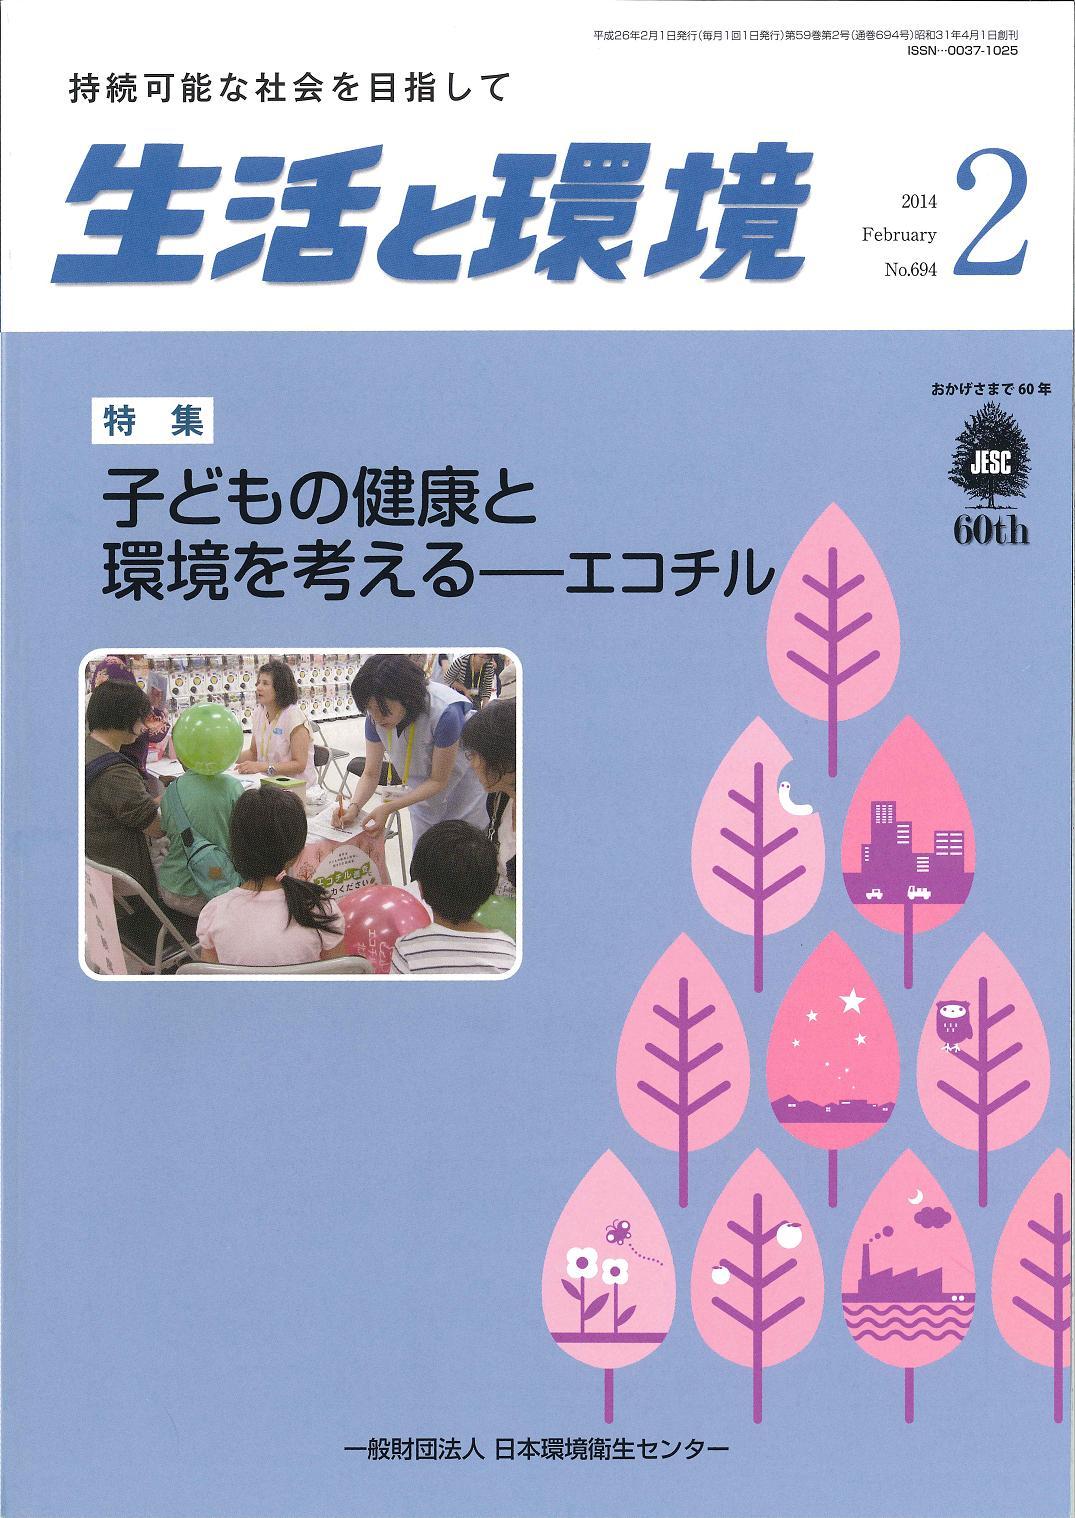 エコチル調査_生活と環境雑誌表紙